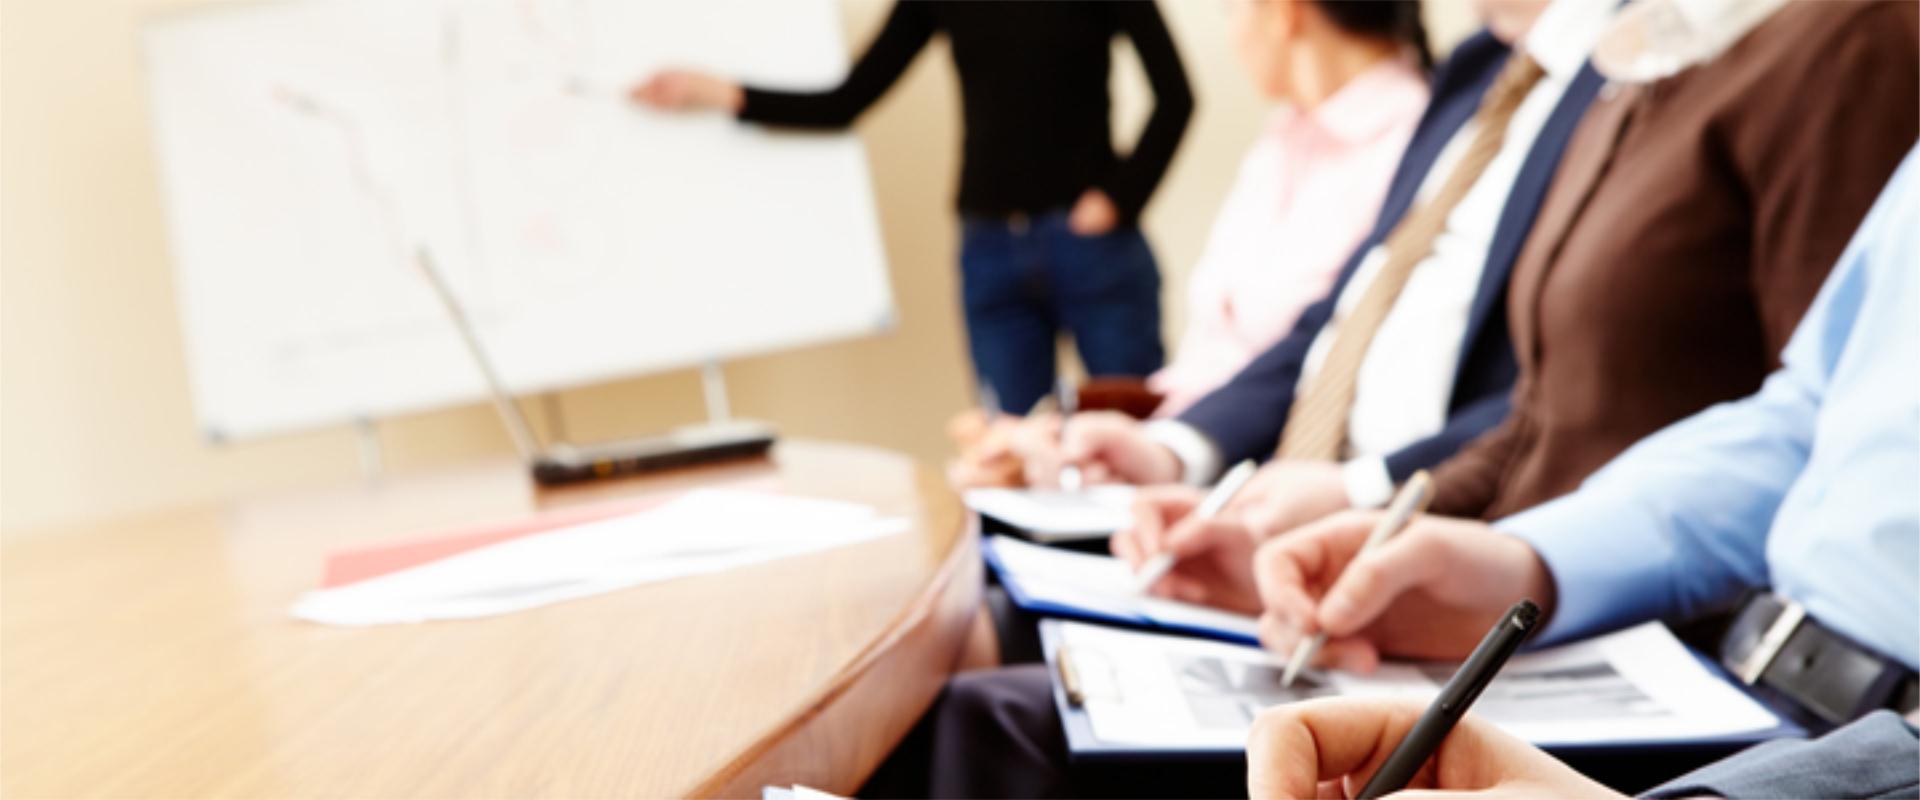 Academy Kurumsal Danışmanlık | Beyin Fırtınası Toplantıları